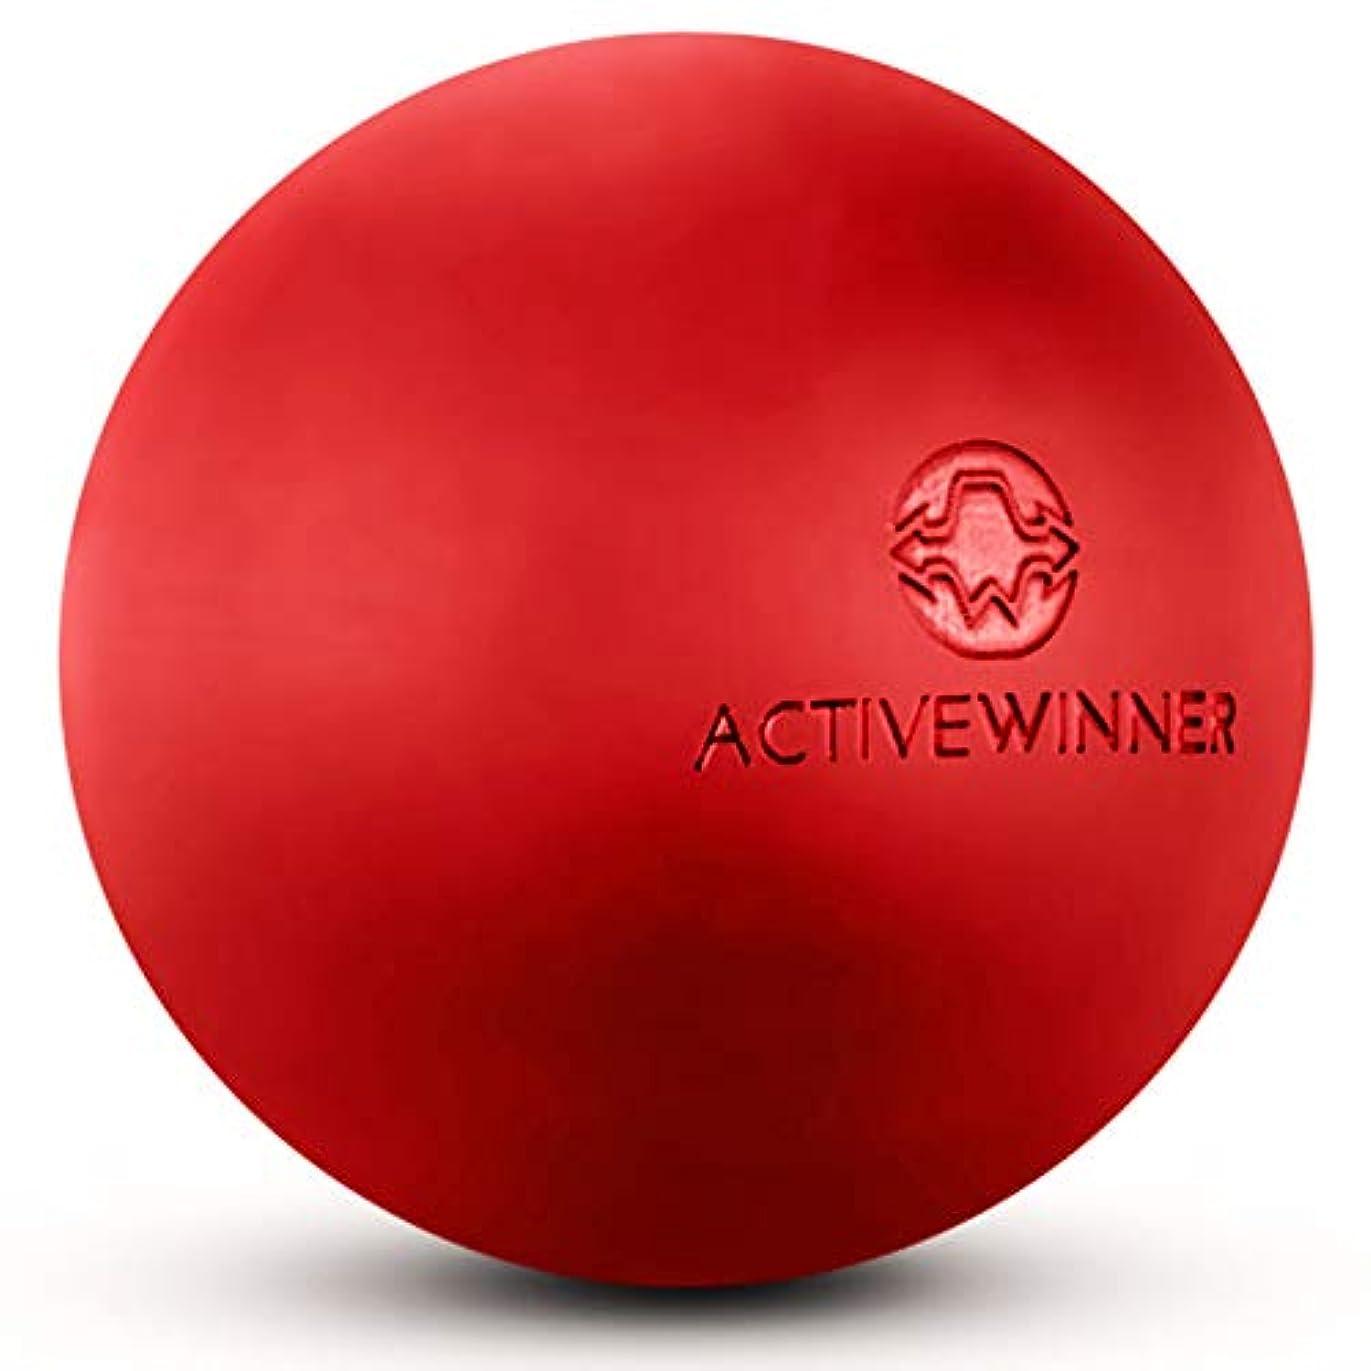 テント受け継ぐ移行Active Winner マッサージボール トリガーポイント (レッド) ストレッチボール 筋膜リリース トレーニング 背中 肩こり 腰 ふくらはぎ 足 ツボ押し